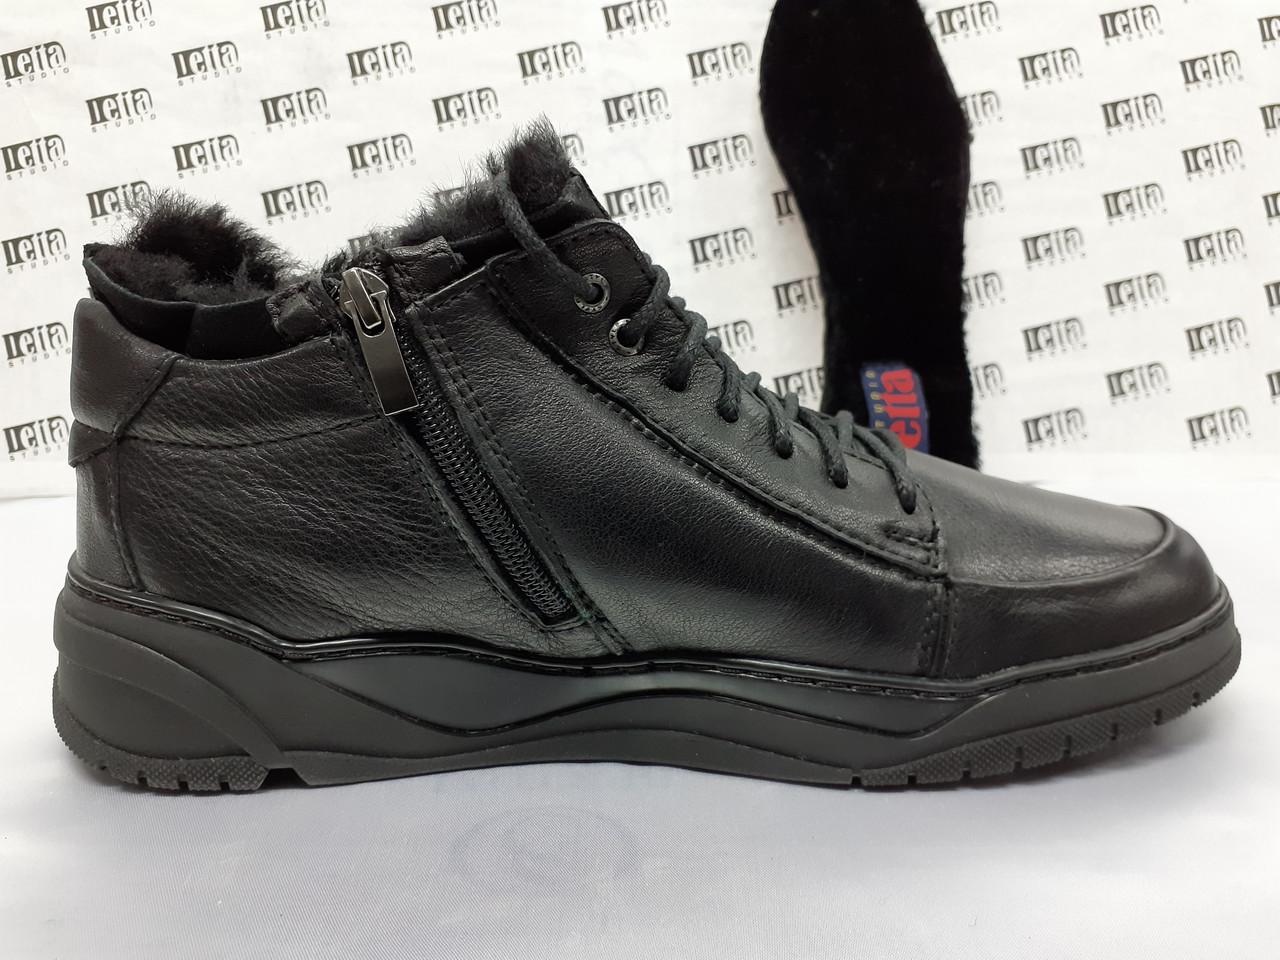 Комфортні зимові черевики під кросівки на цигейке Detta